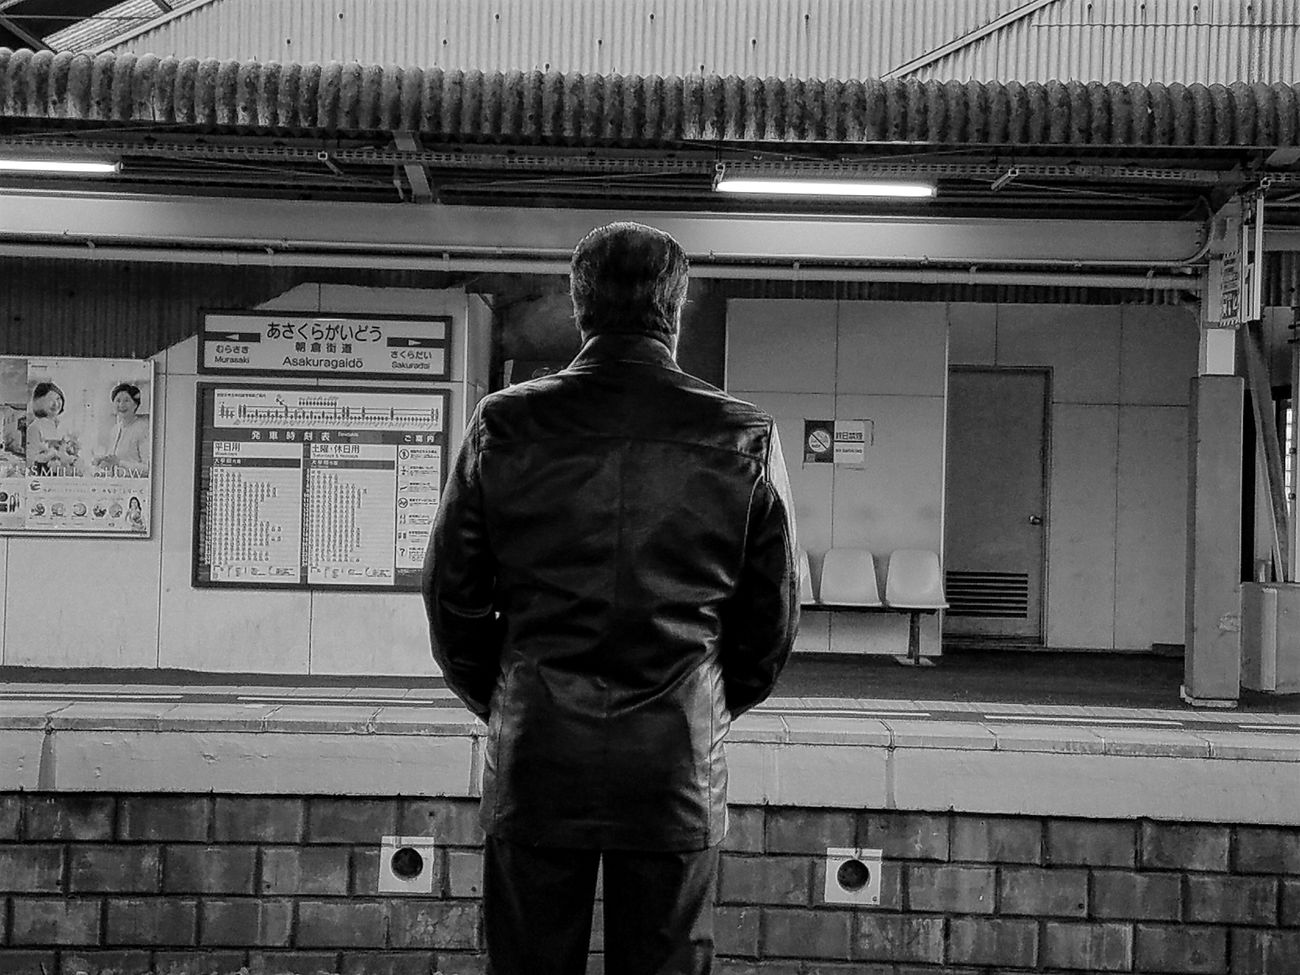 息も白く Standing One Person Adult Camera Life Is My Life! Street Photography Streetphotography Close-up GalaxyS7Edge Person Stationary Station Platform Monochrome Monochrome Photography Monochromatic Black And White Black & White Black And White Photography